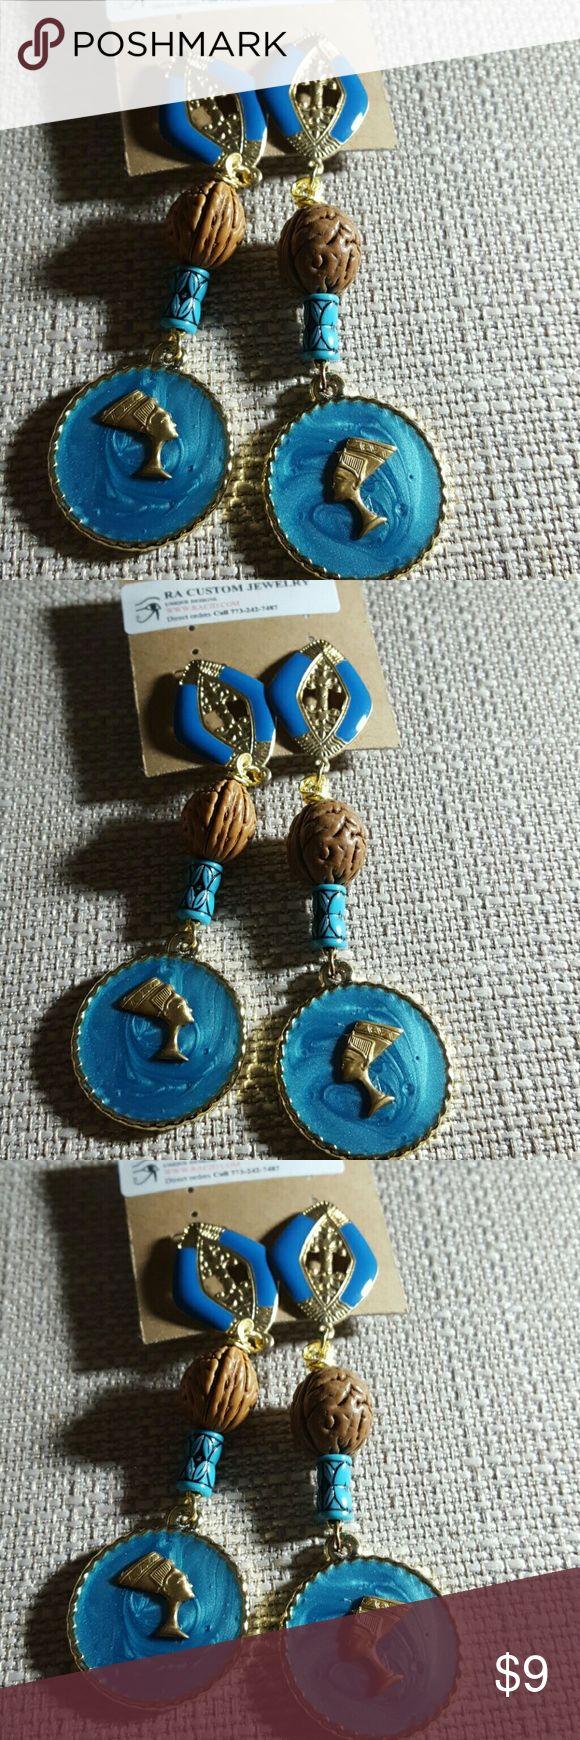 Queen Nefertiti post earrings Queen Nefertiti post earrings.   Turquoise color, briwn owach pit beads. Jewelry Earrings